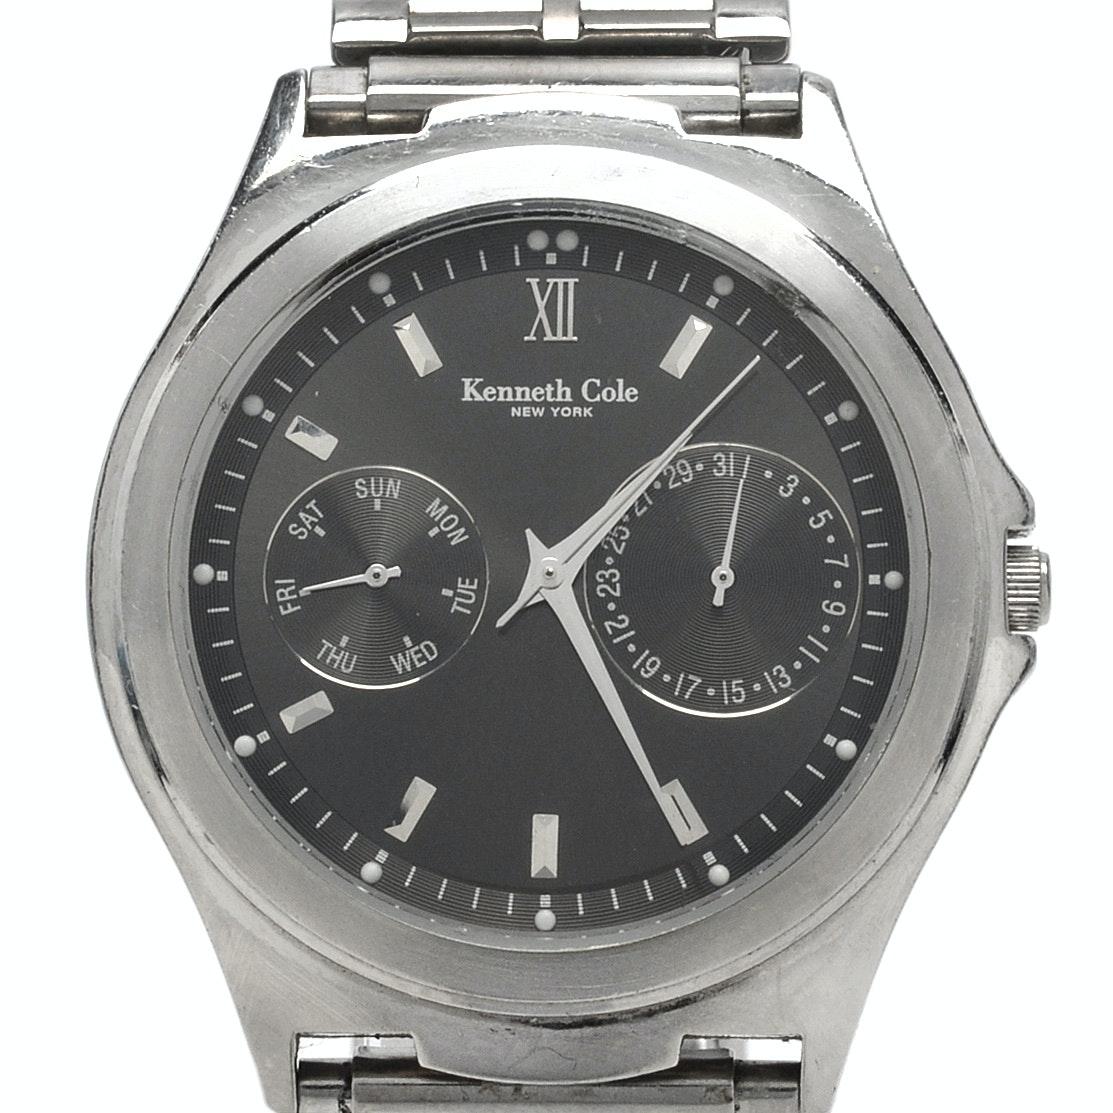 Kenneth Cole Wristwatch